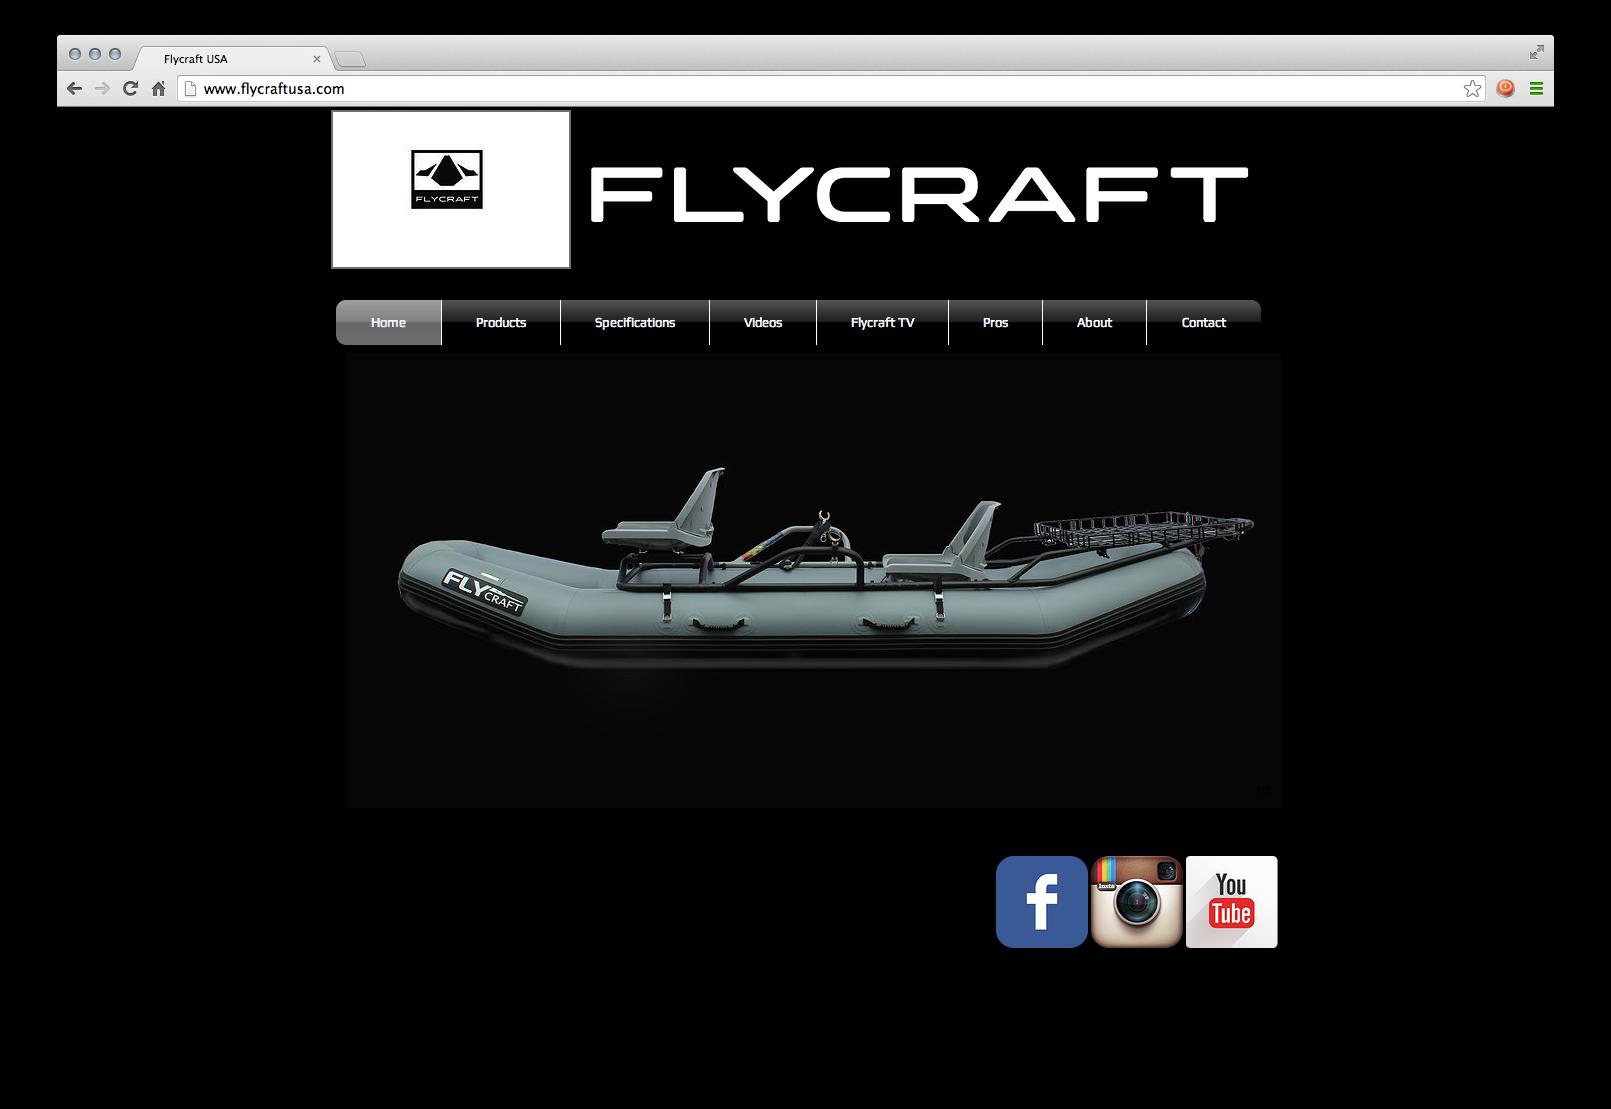 http://www.flycraftusa.com/